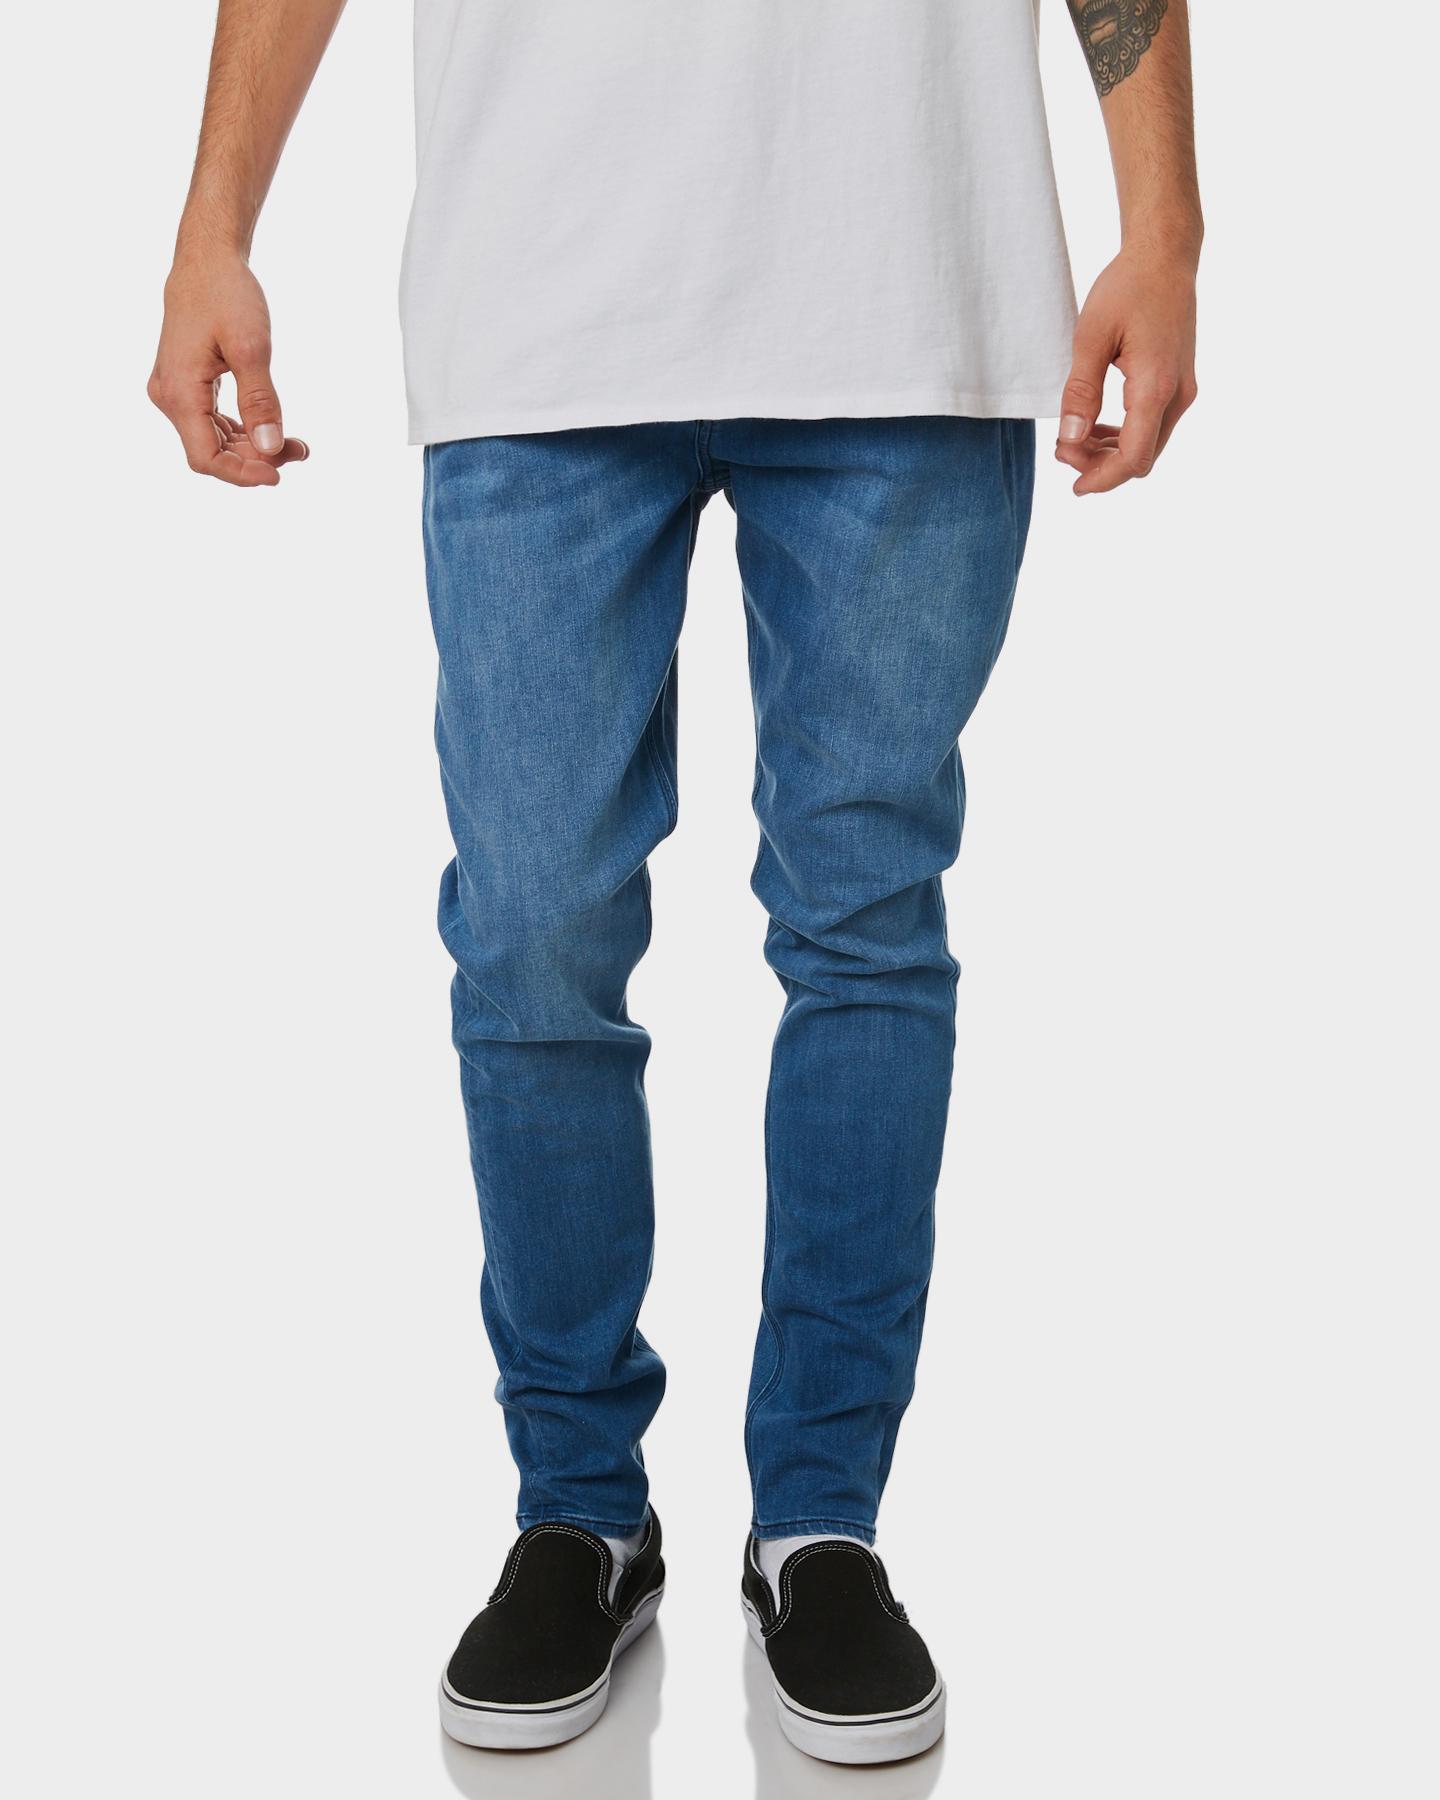 Lee Z-One Jean Stellar Blue